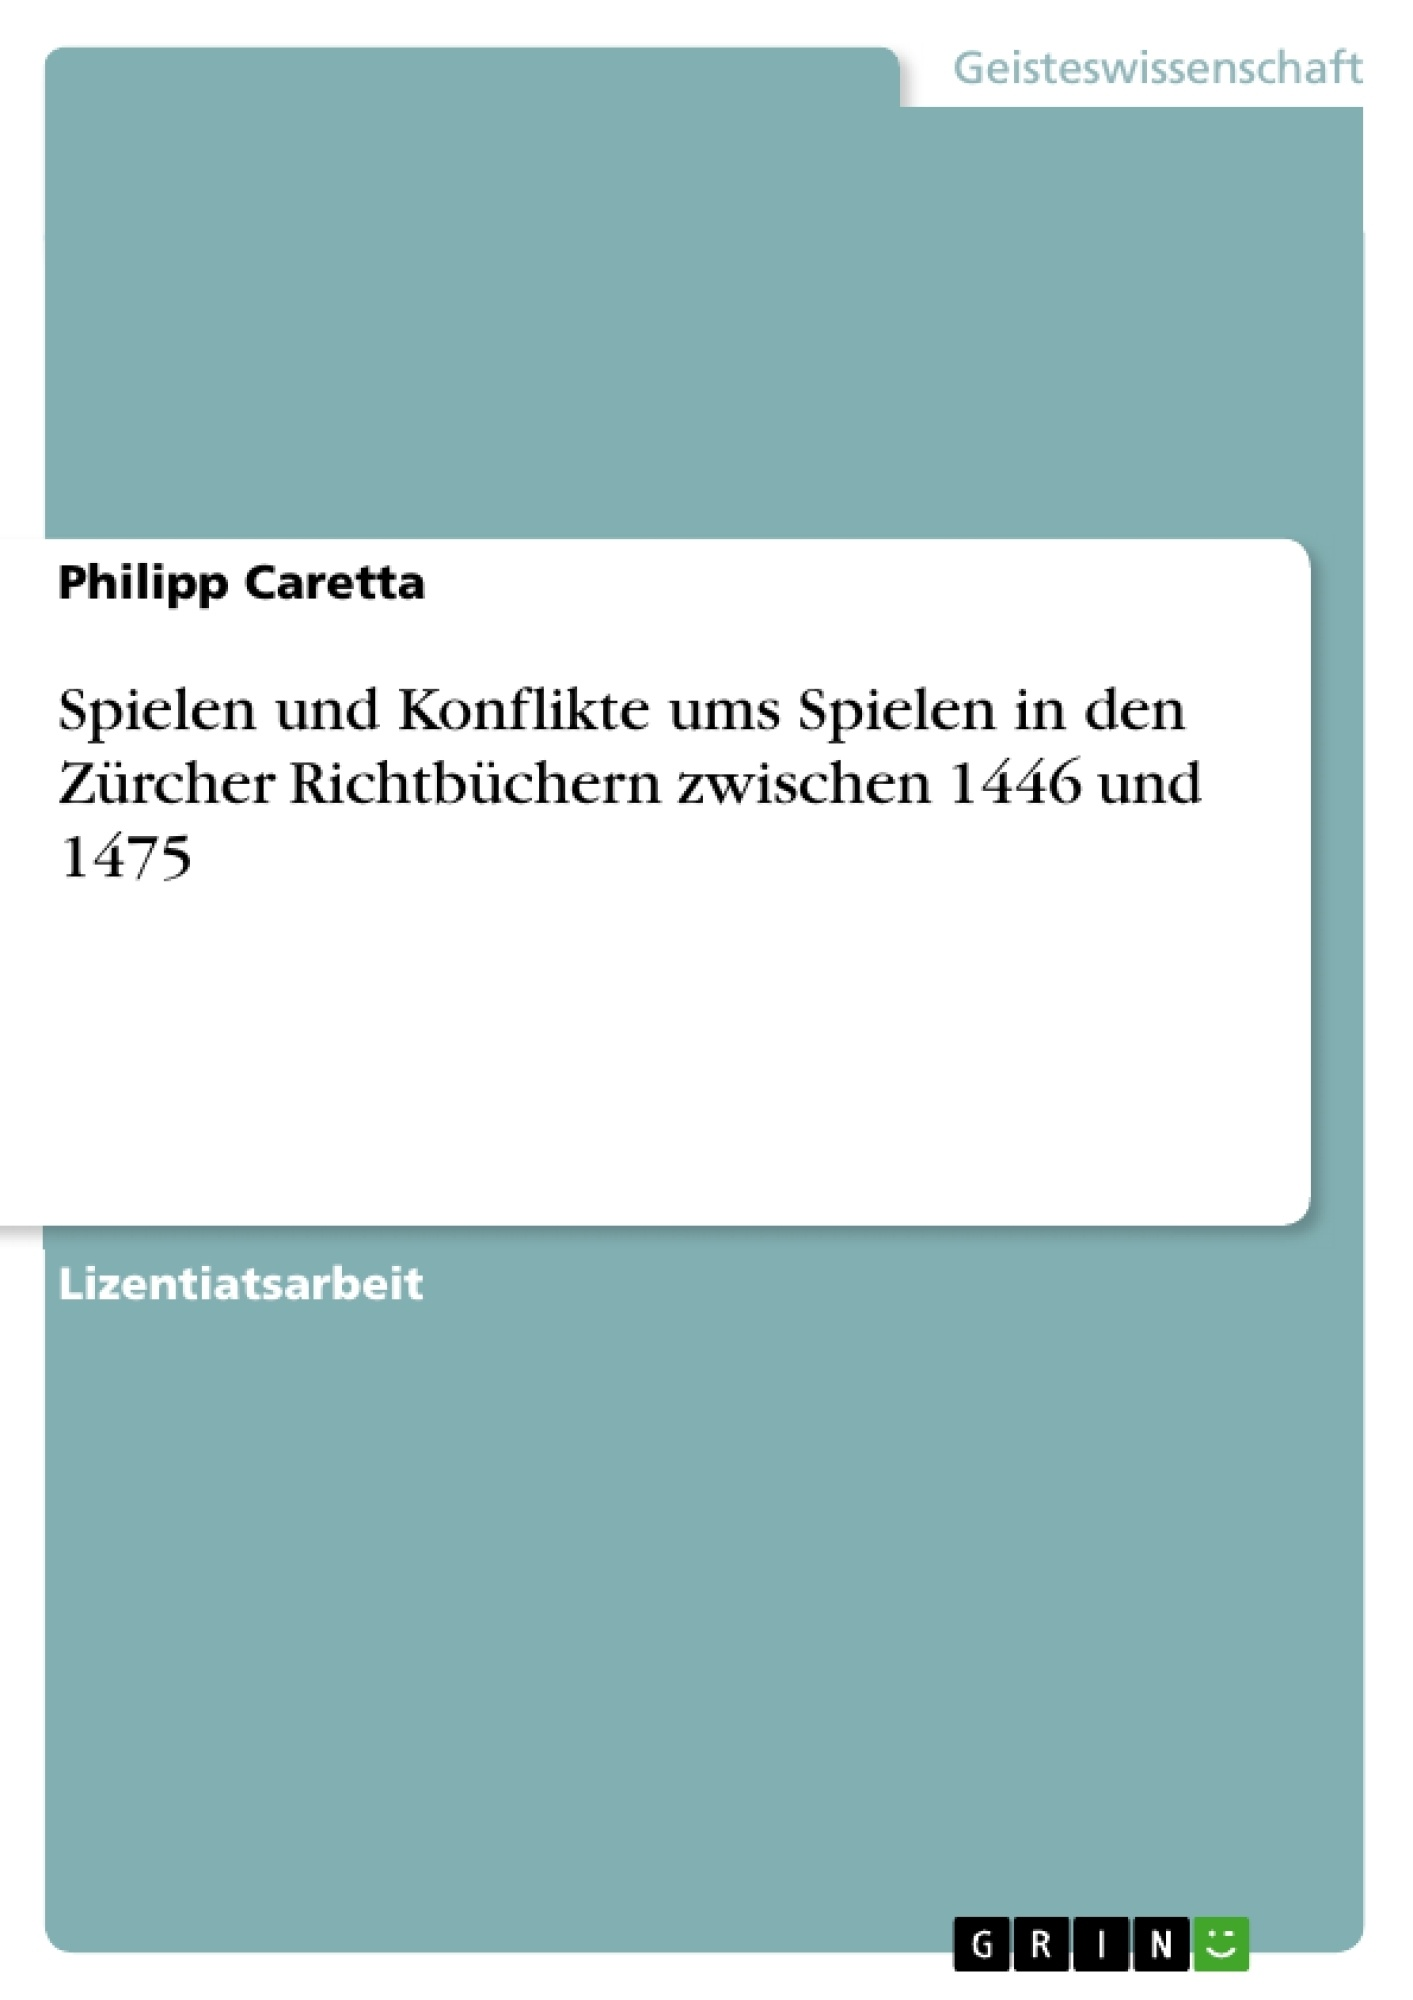 Titel: Spielen und Konflikte ums Spielen in den Zürcher Richtbüchern zwischen 1446 und 1475